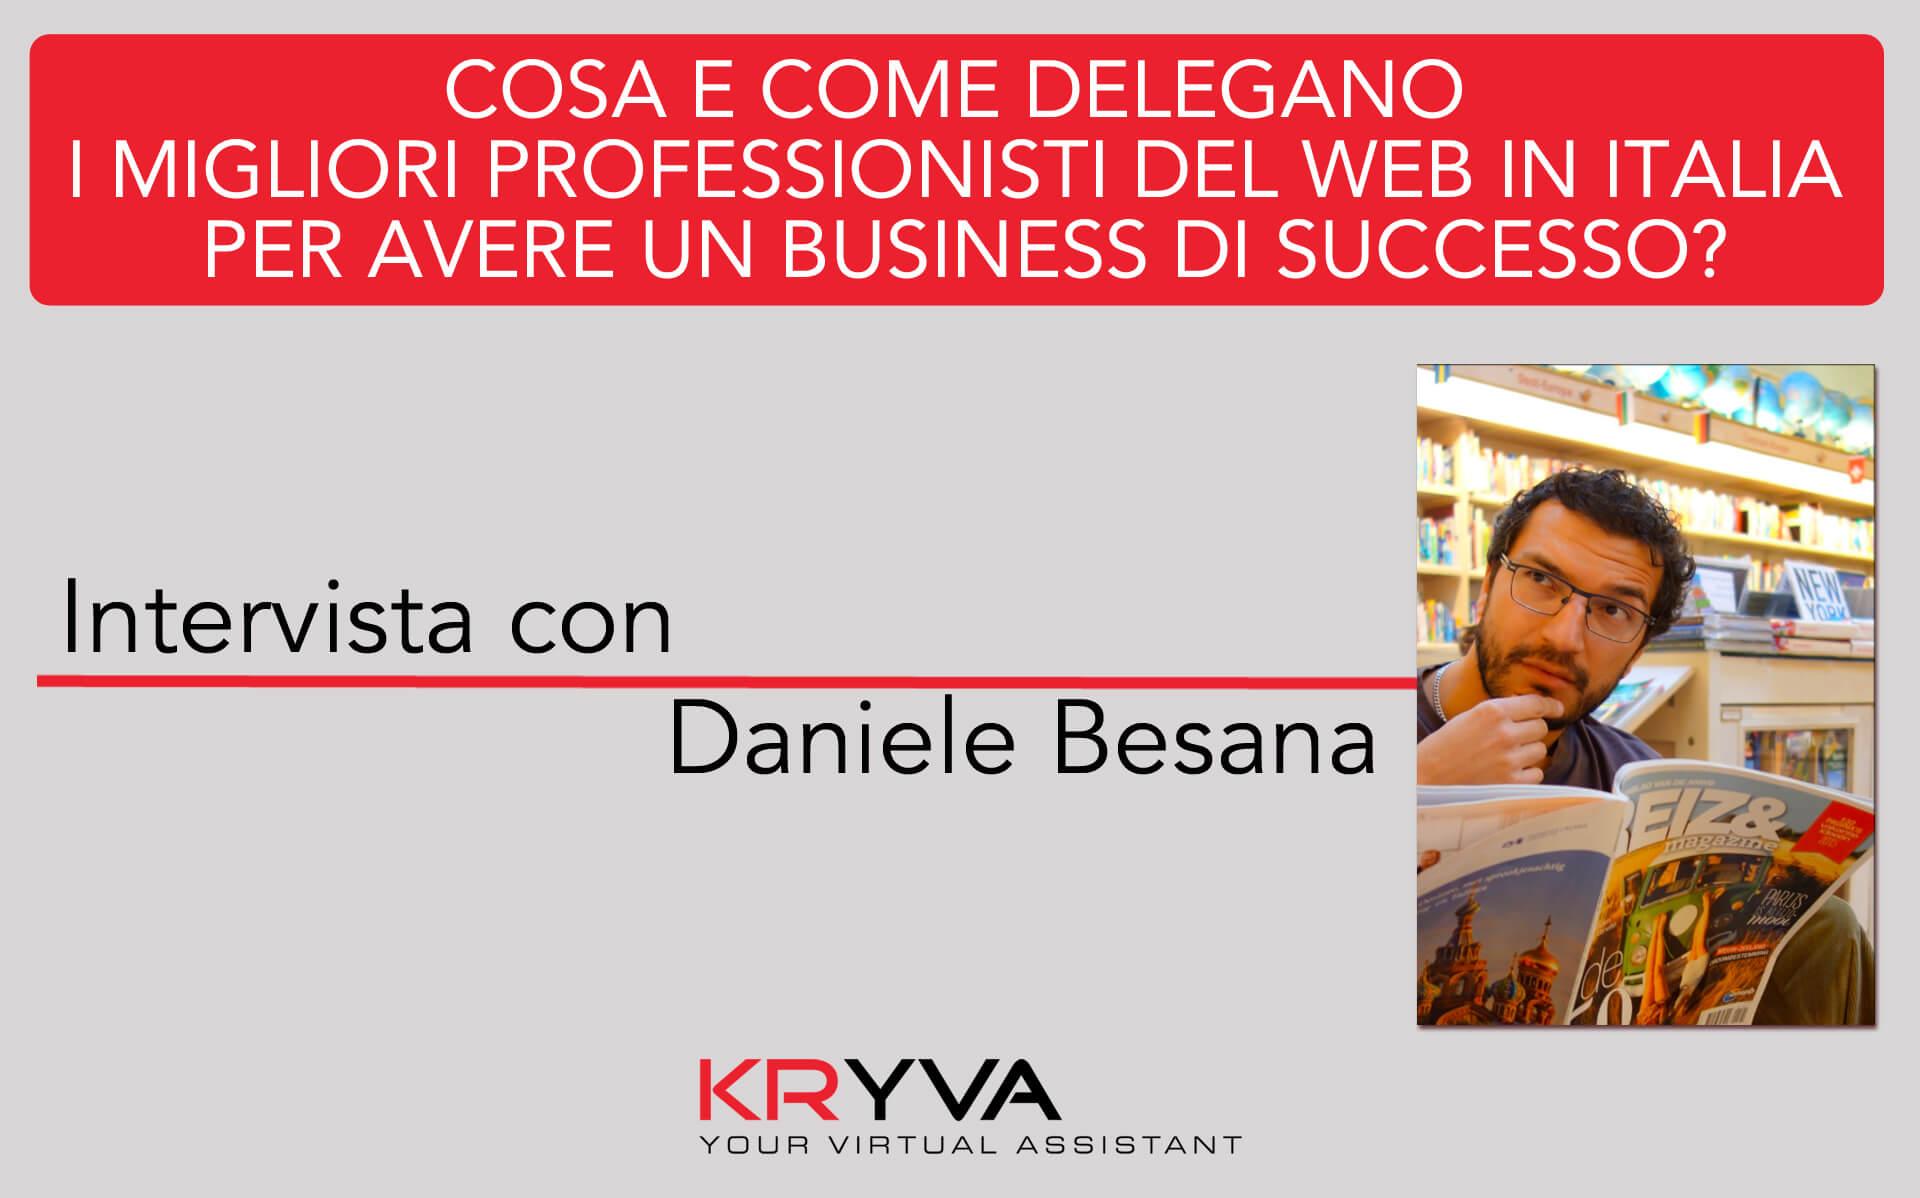 Comunicazione aperta e competenza nella delega | Intervista con Daniele Besana